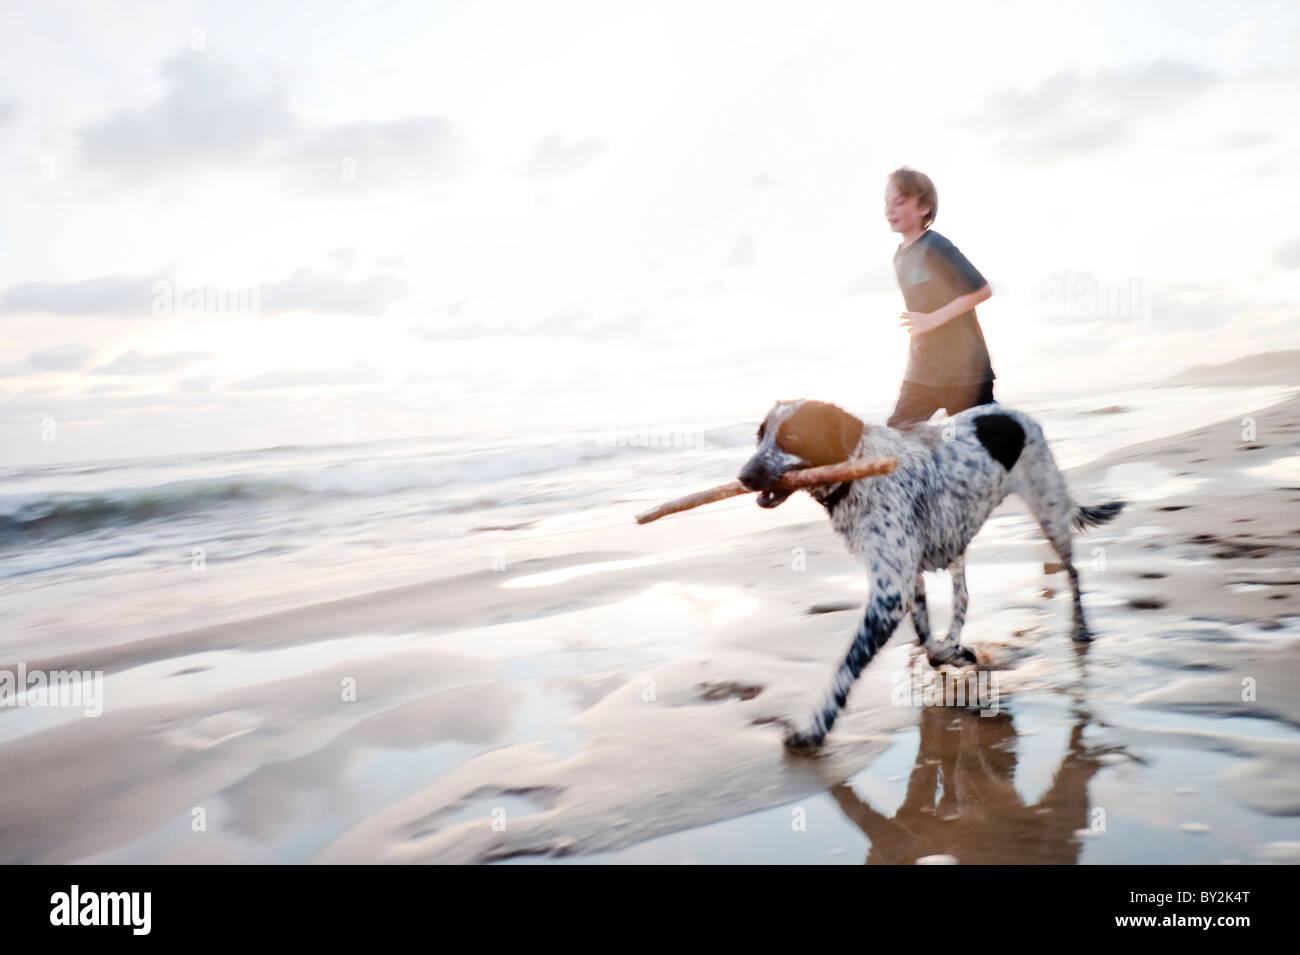 Un jeune garçon et un chien avec un bâton dans sa bouche courir le long d'une plage tranquille, au Photo Stock